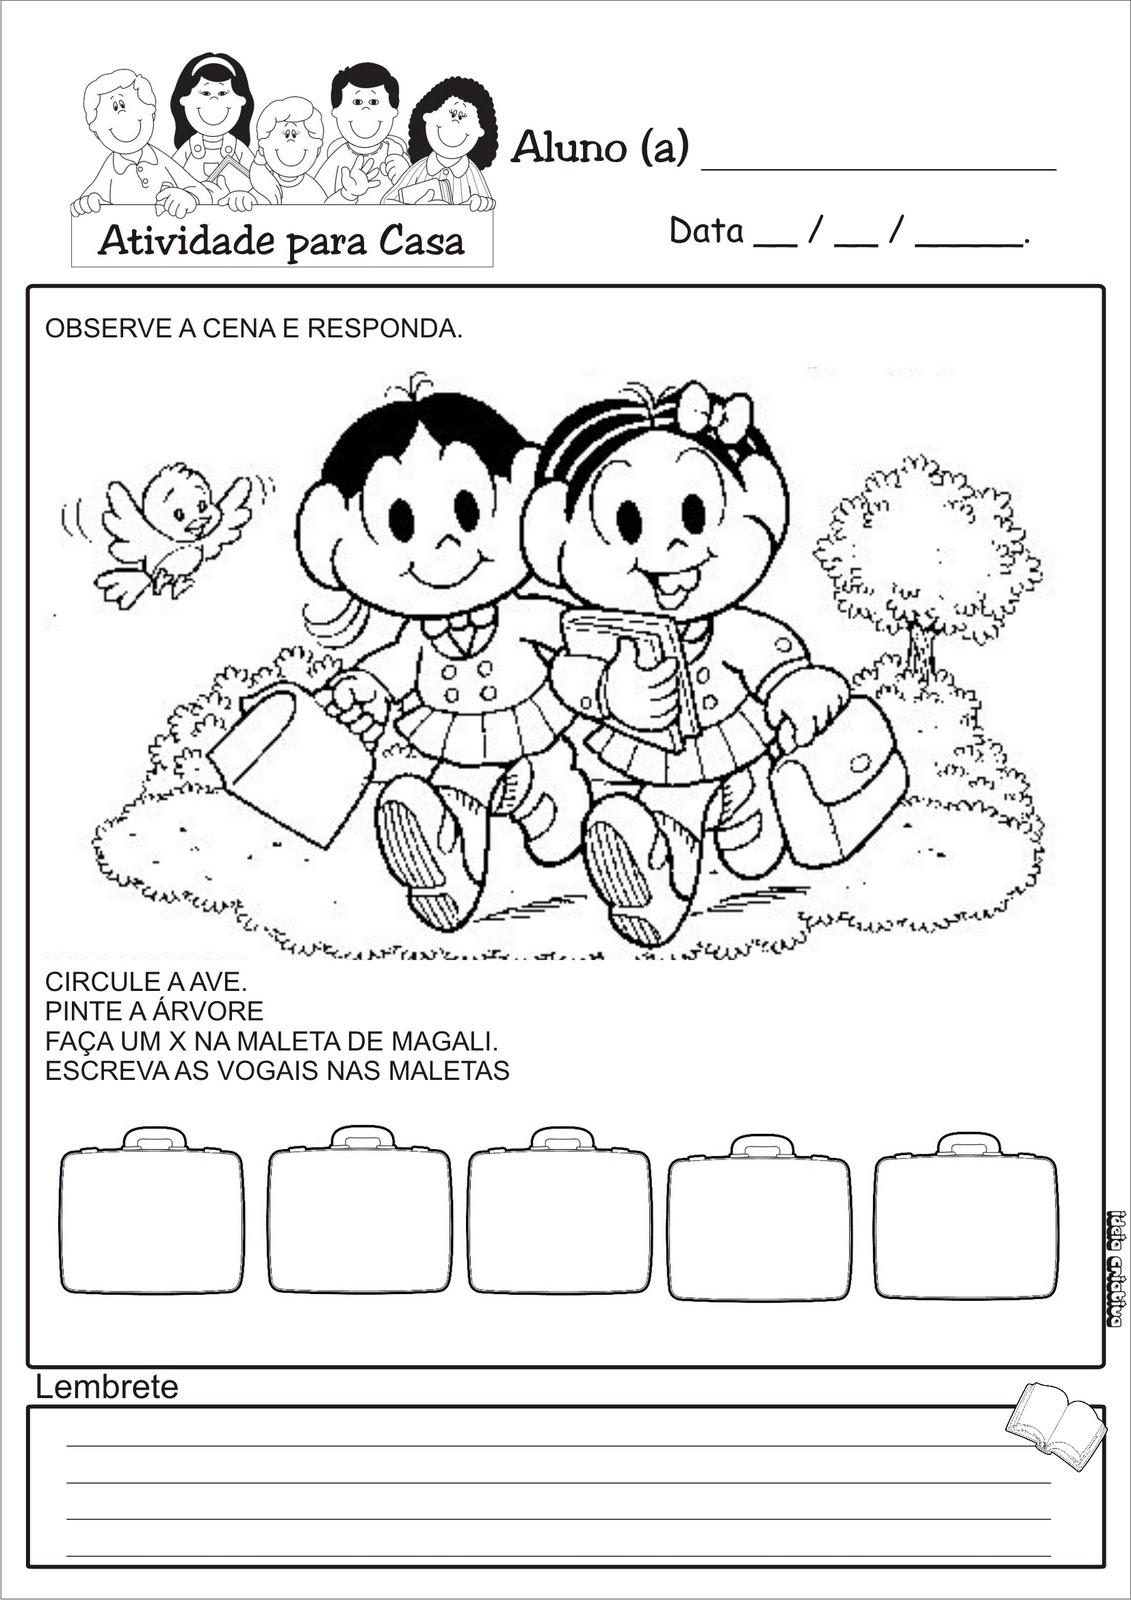 Conhecido trocando idéias pedagógicas: SUGESTÕES VOLTA AS AULAS DP33